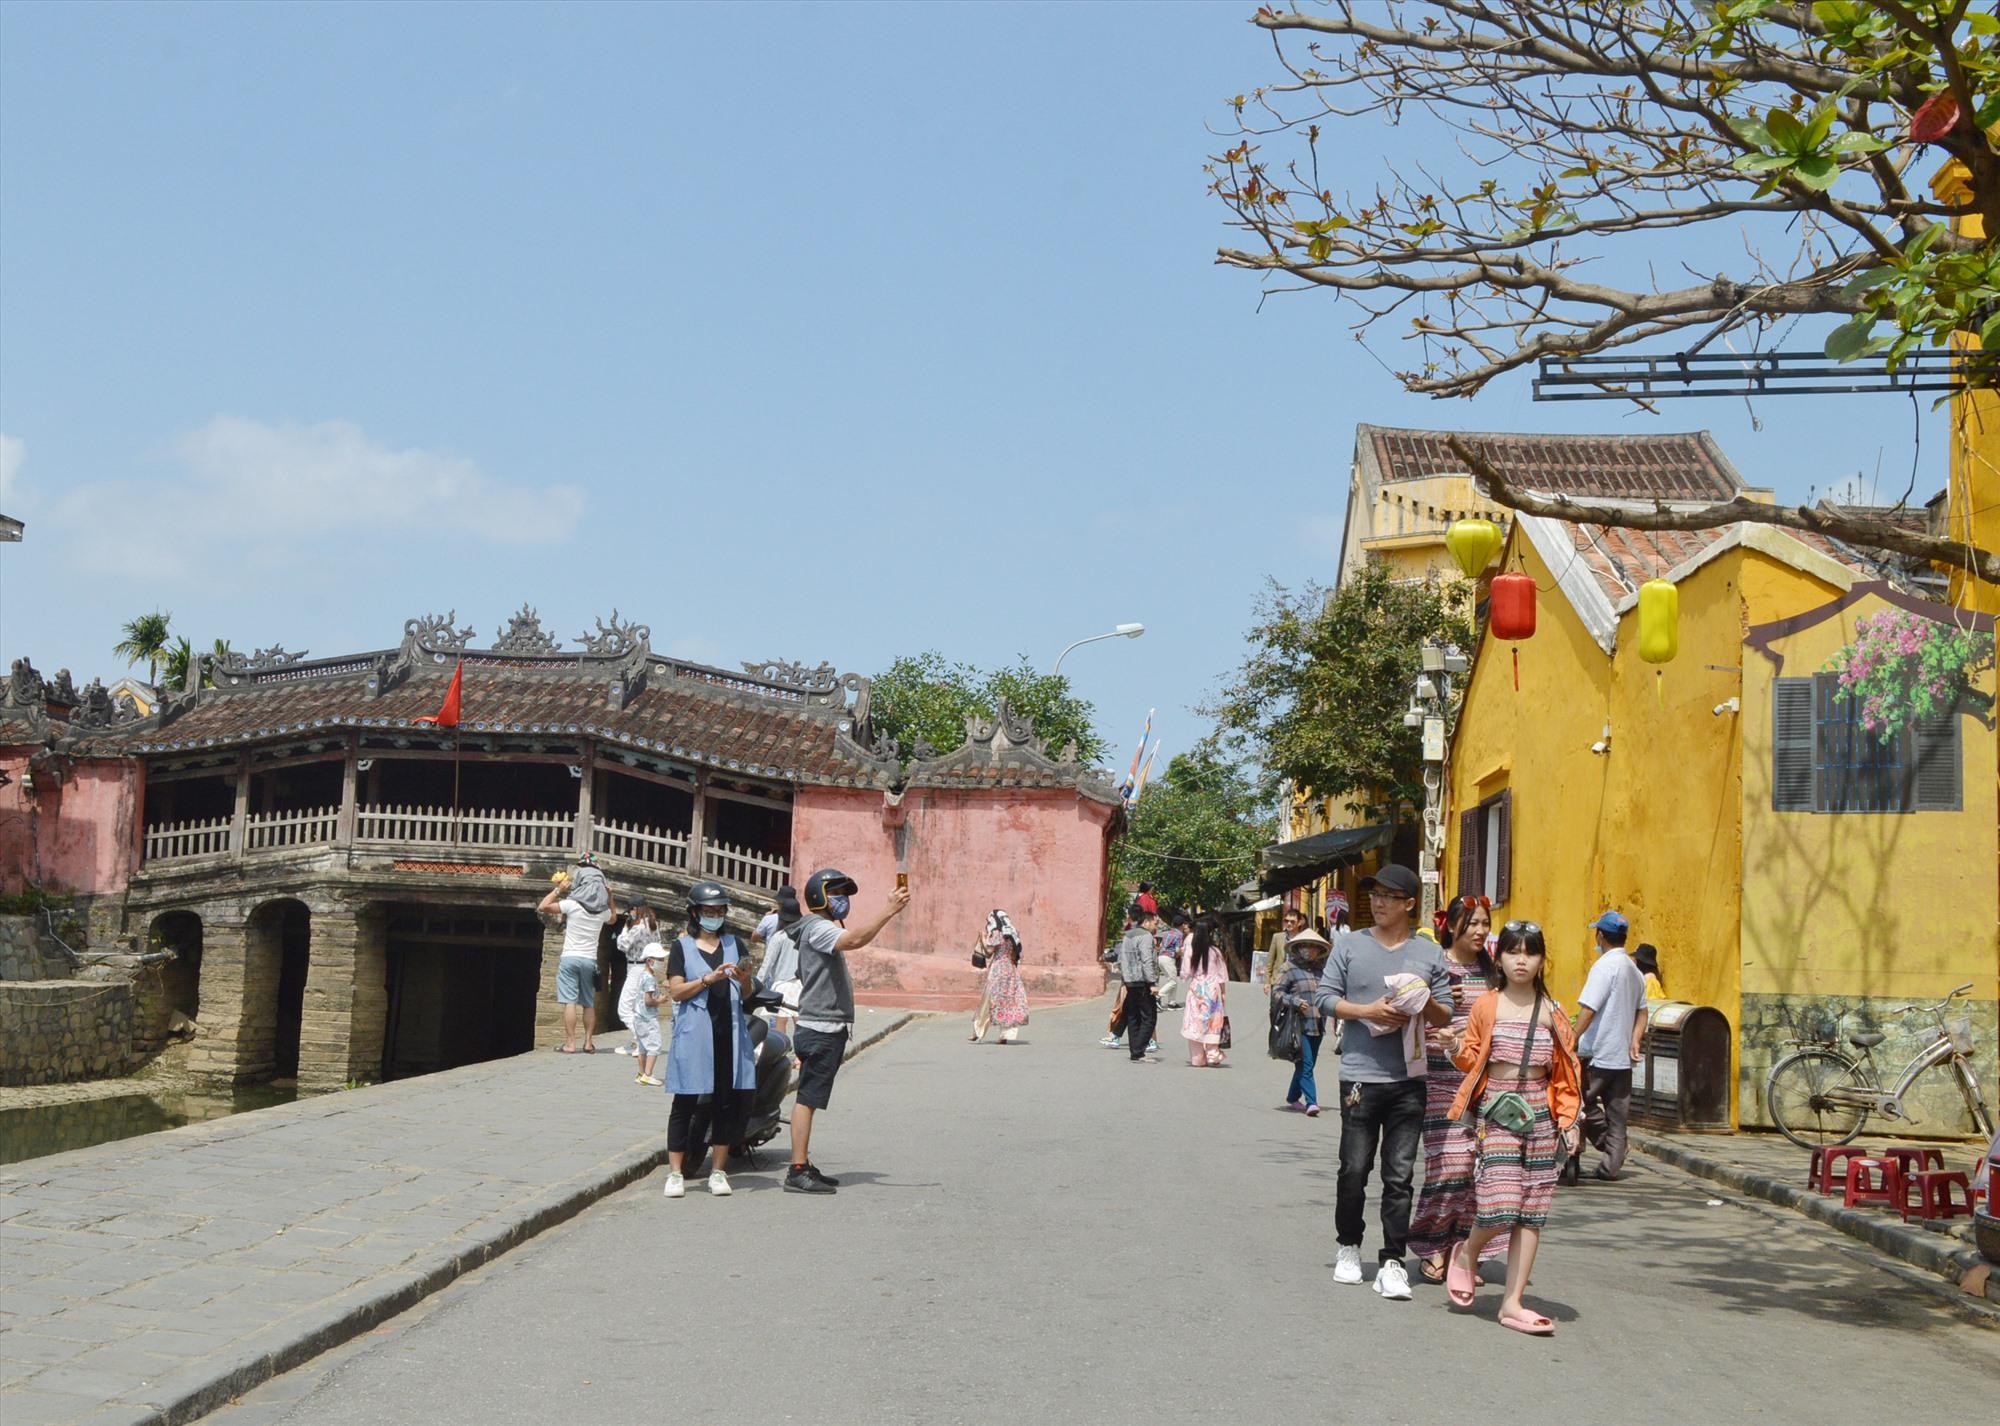 Du lịch Quảng Nam kỳ vọng về sự hồi phục trong dịp hè.